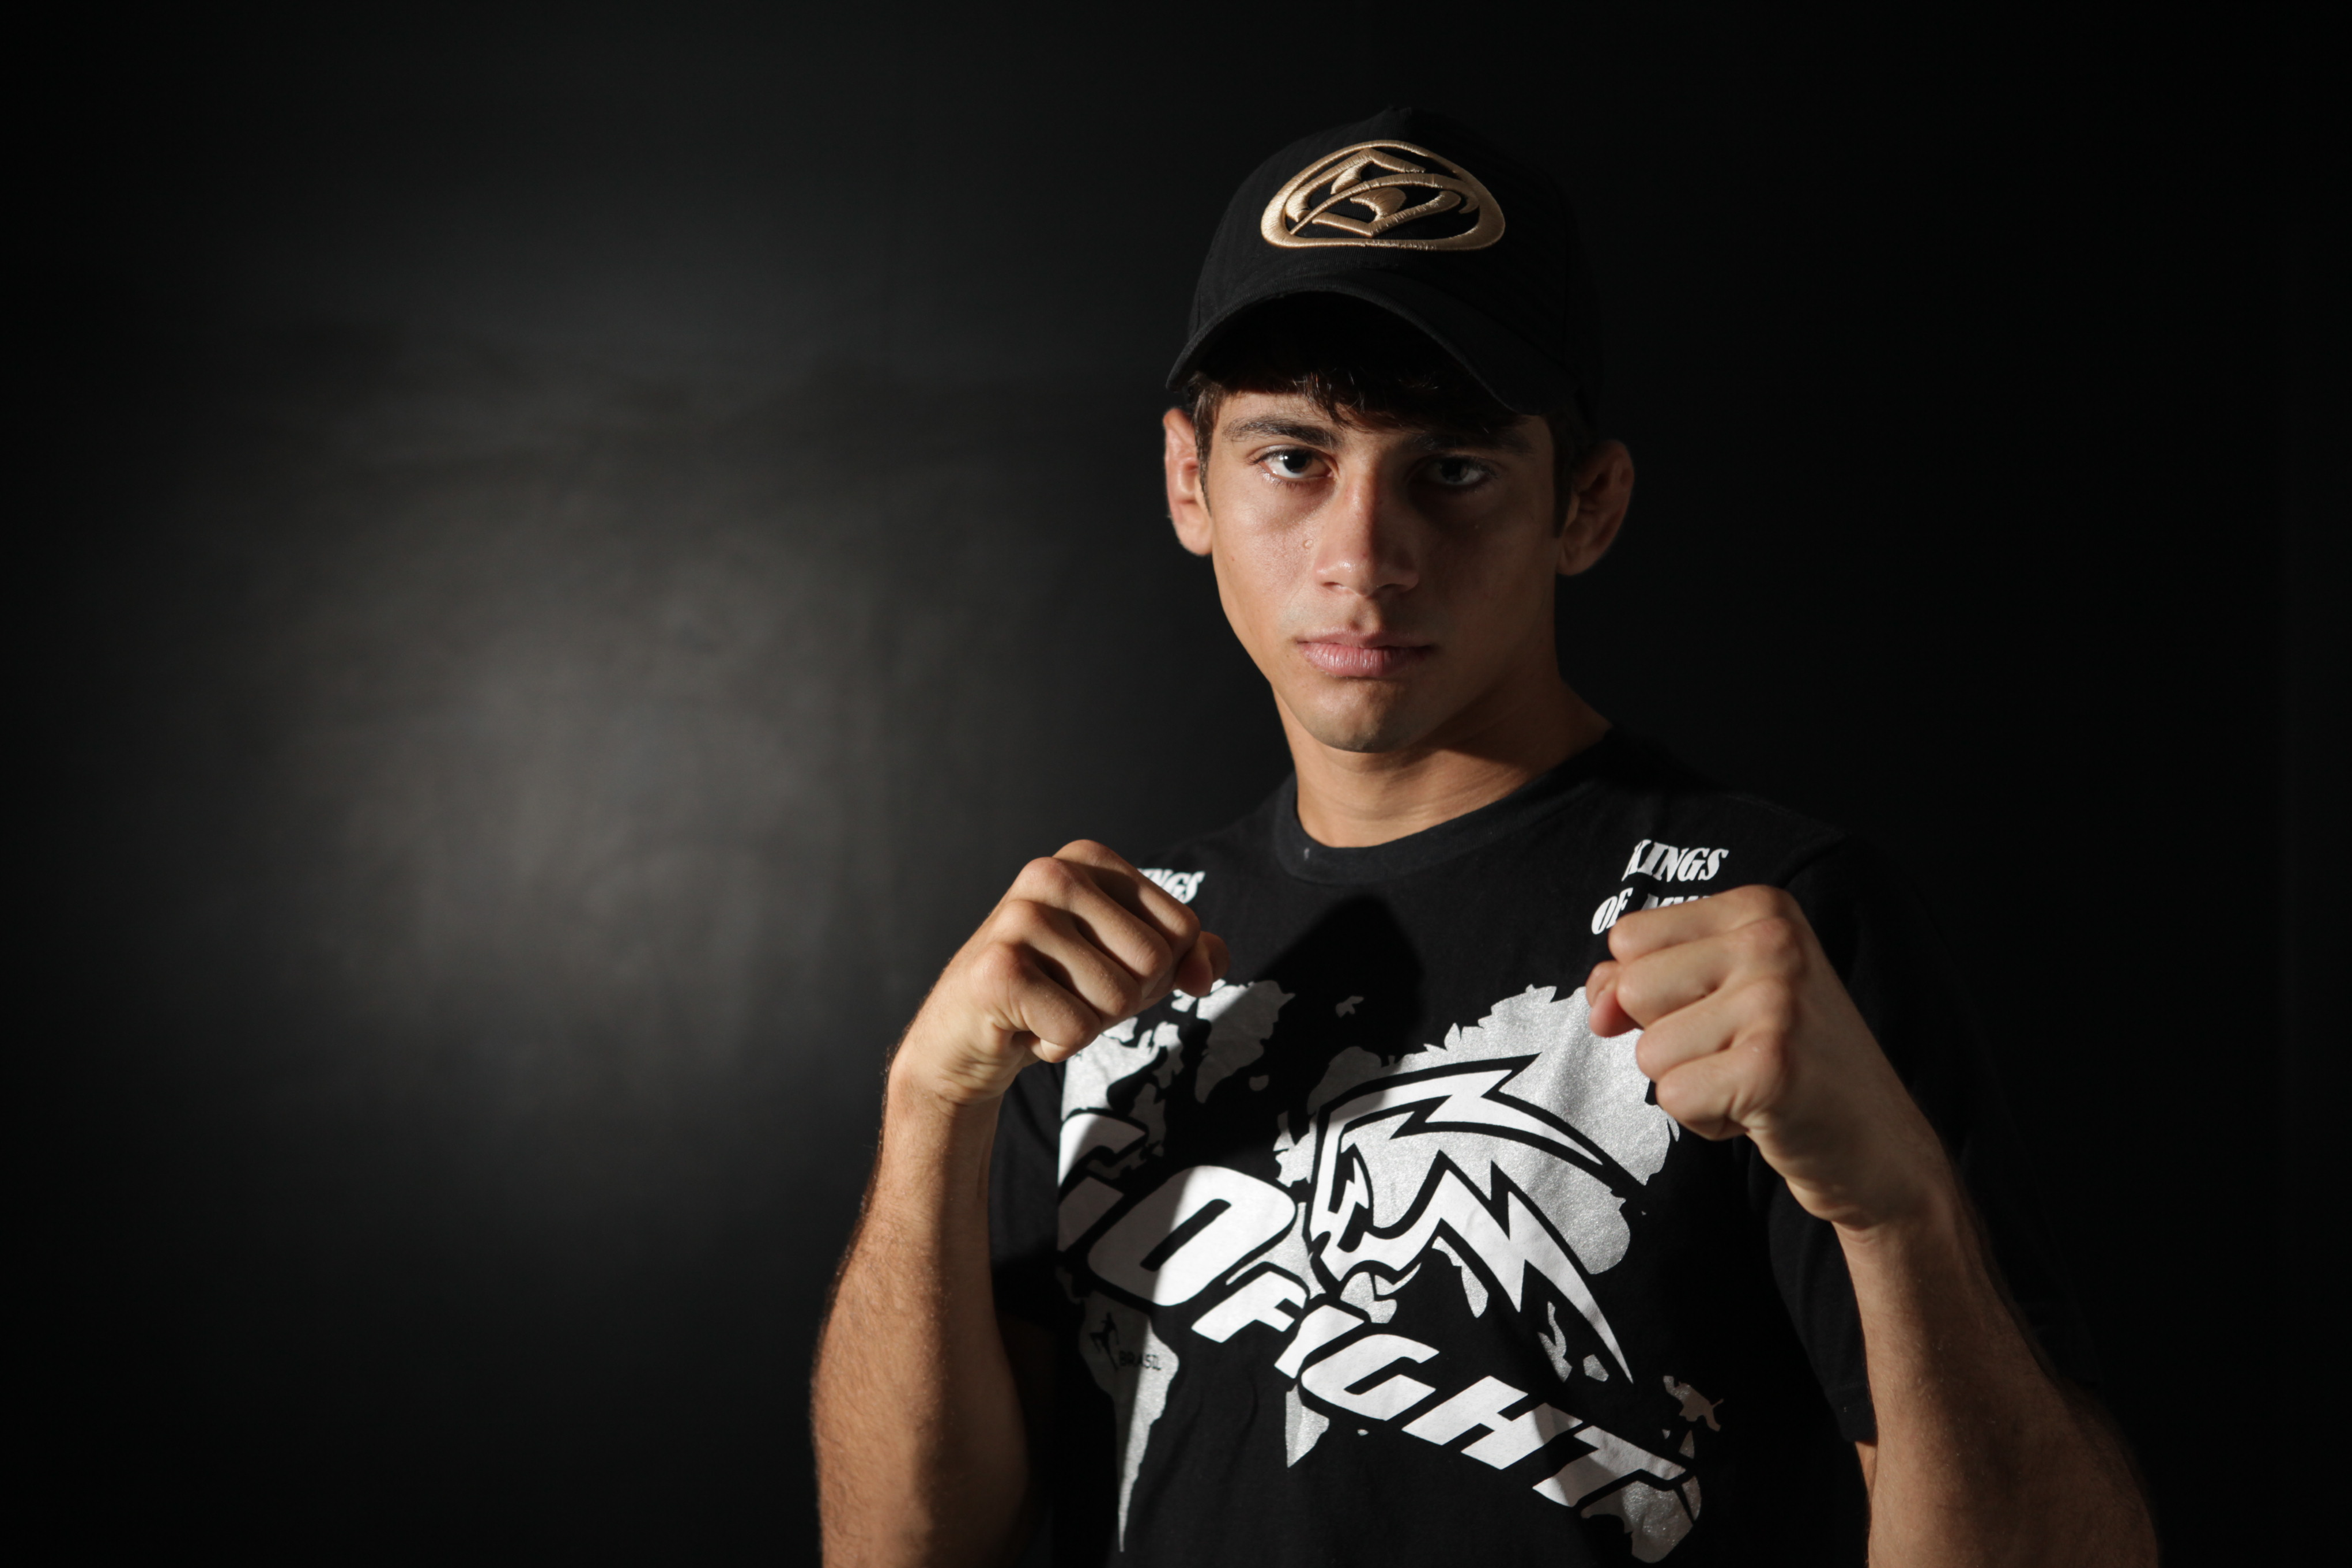 Alan Gomes tem oito lutas na carreira profissional. Foto: Sara Maia/O POVO